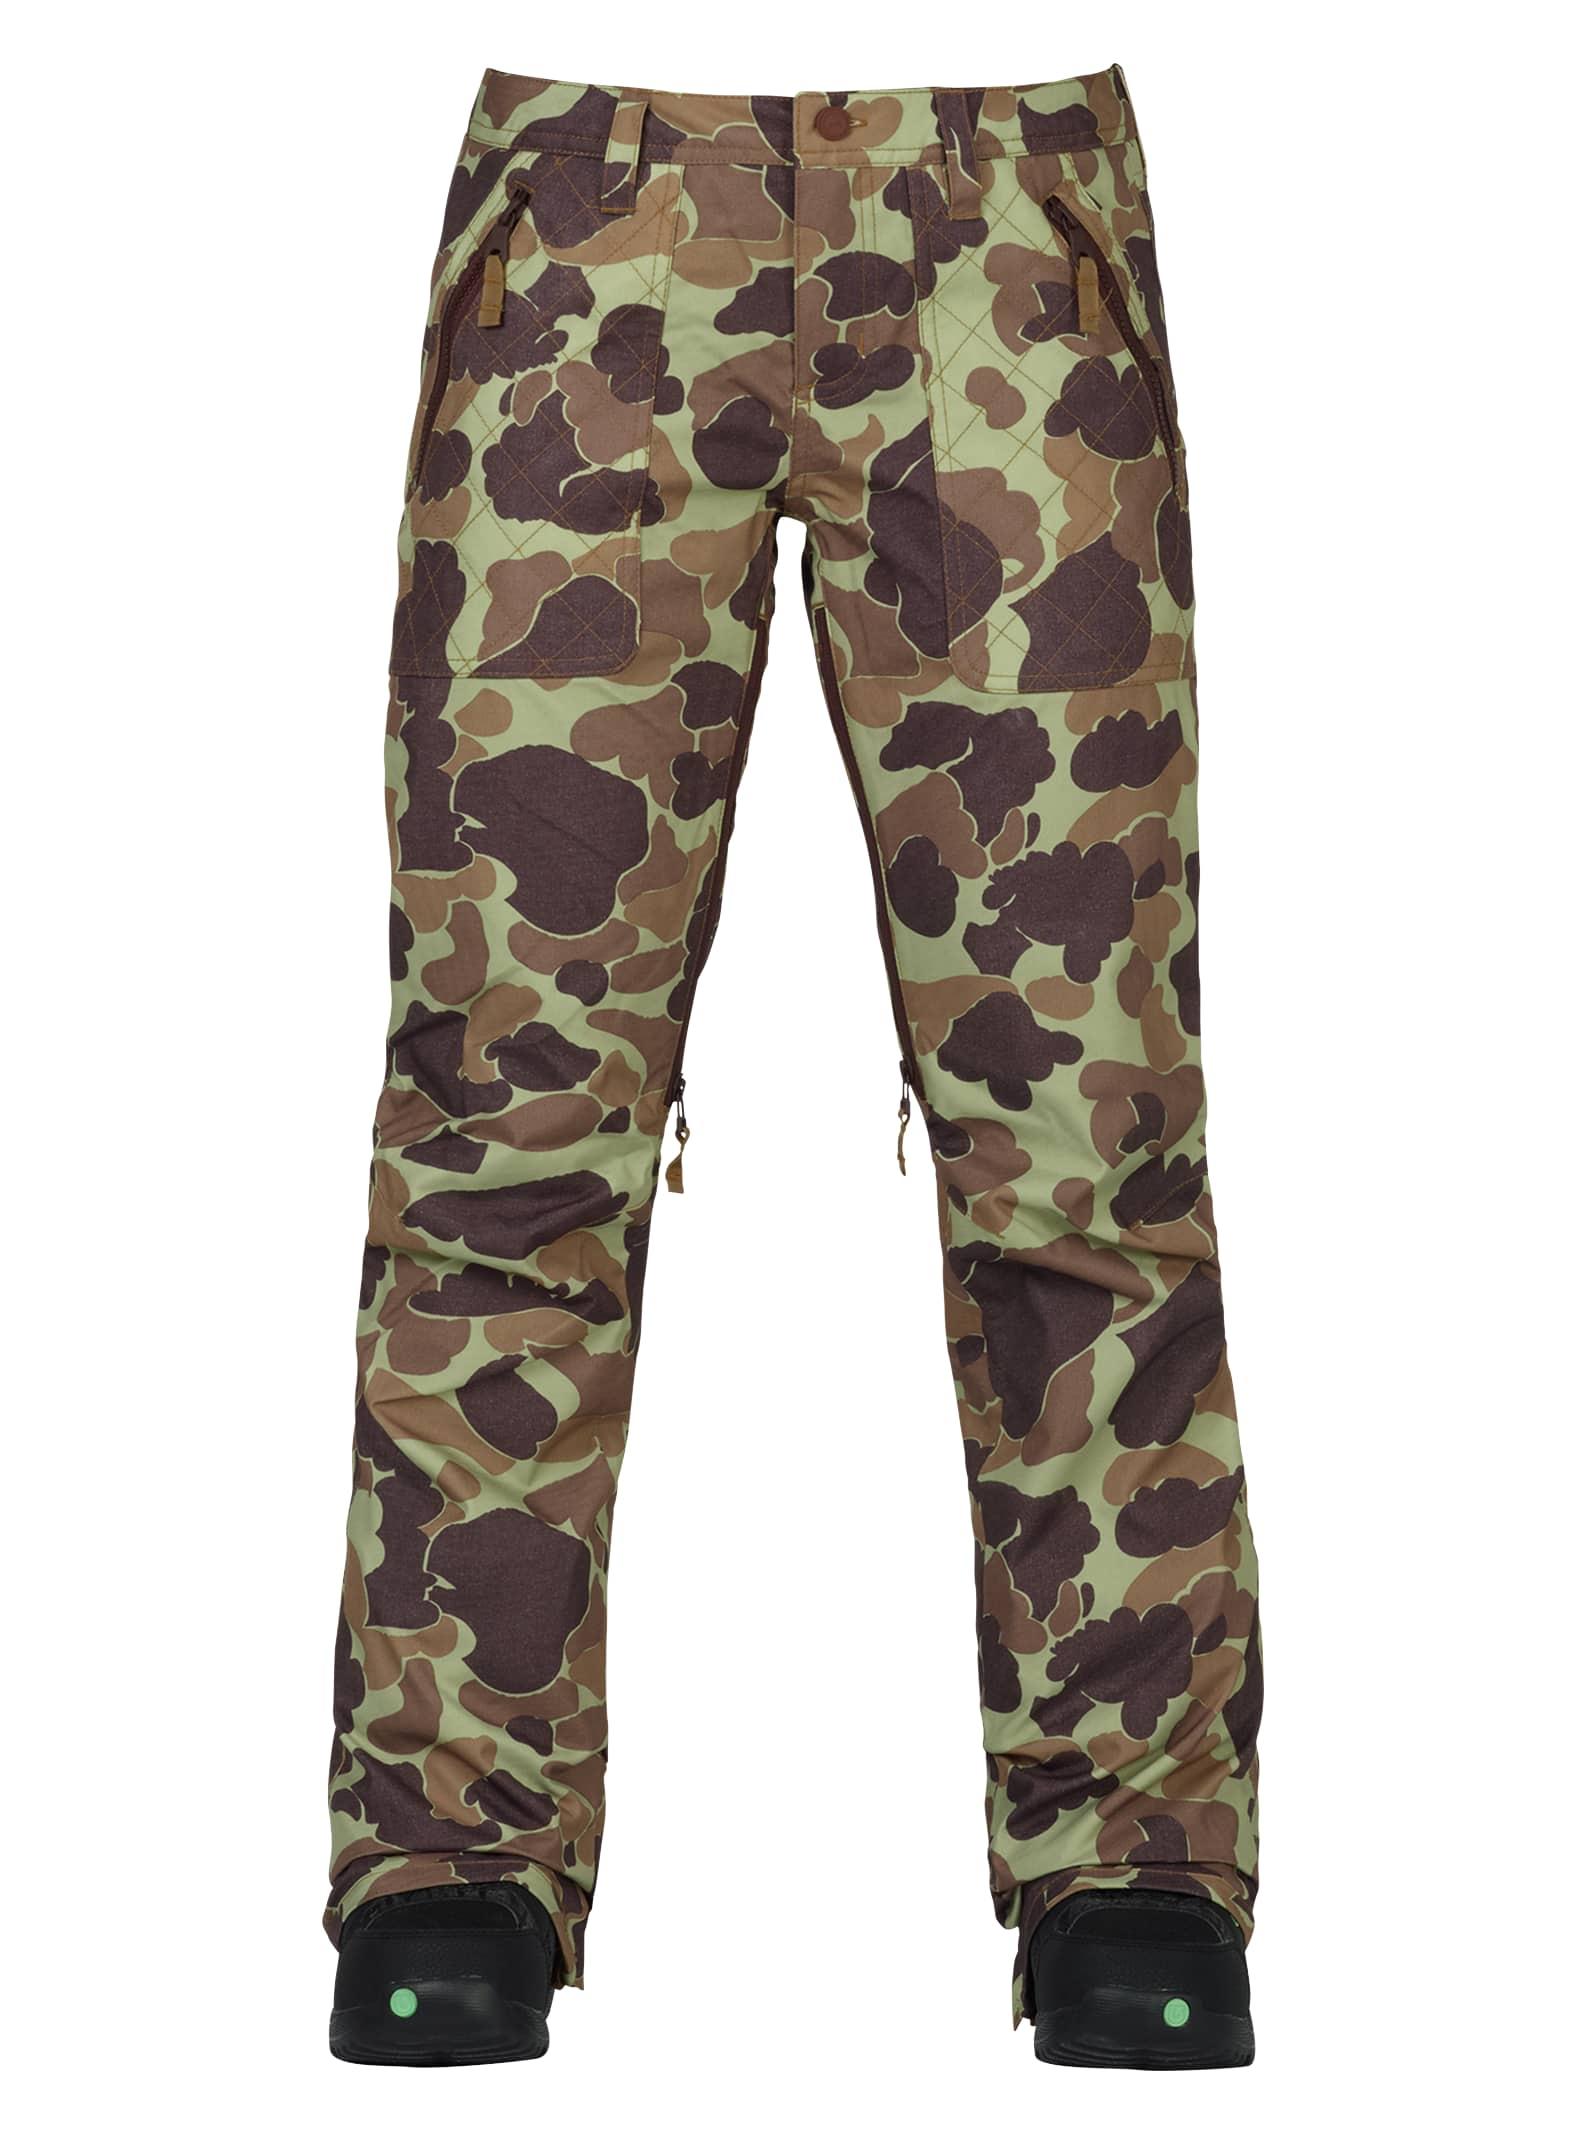 Jungen schuhe stiefel camouflage winter stil voller plus